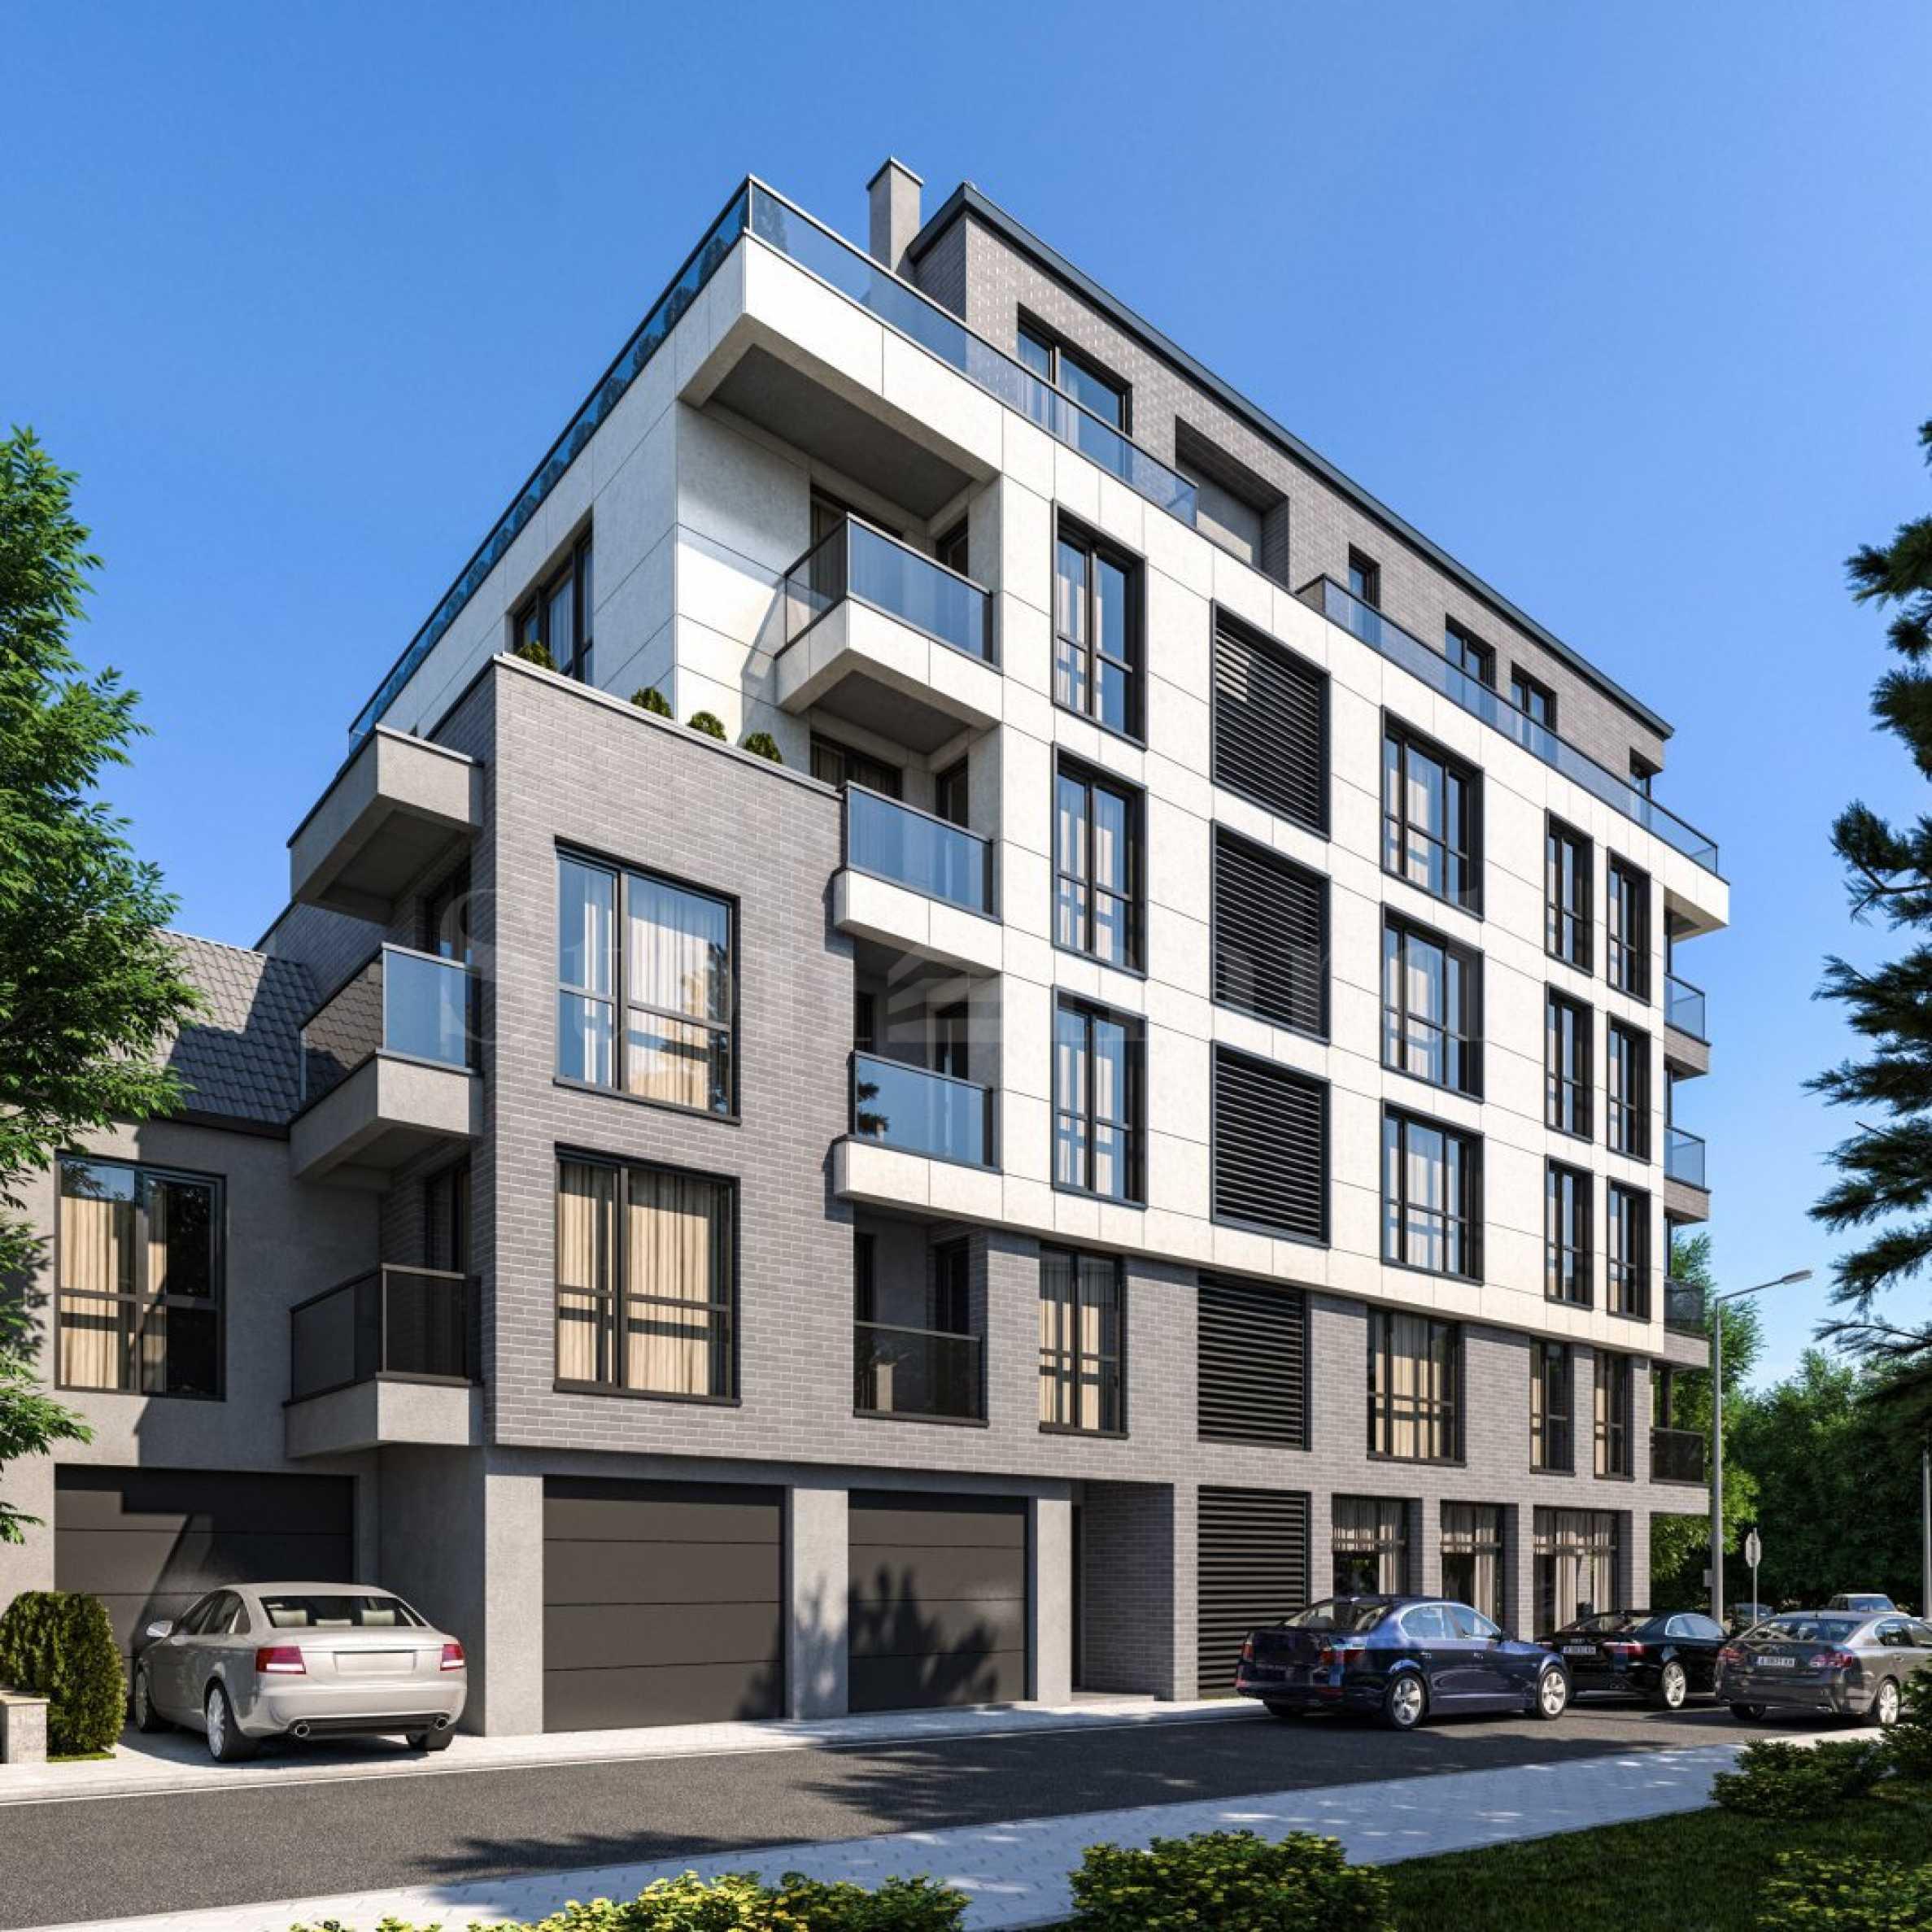 Апартаменти в елитна сграда ново строителство в центъра на Бургас1 - Stonehard